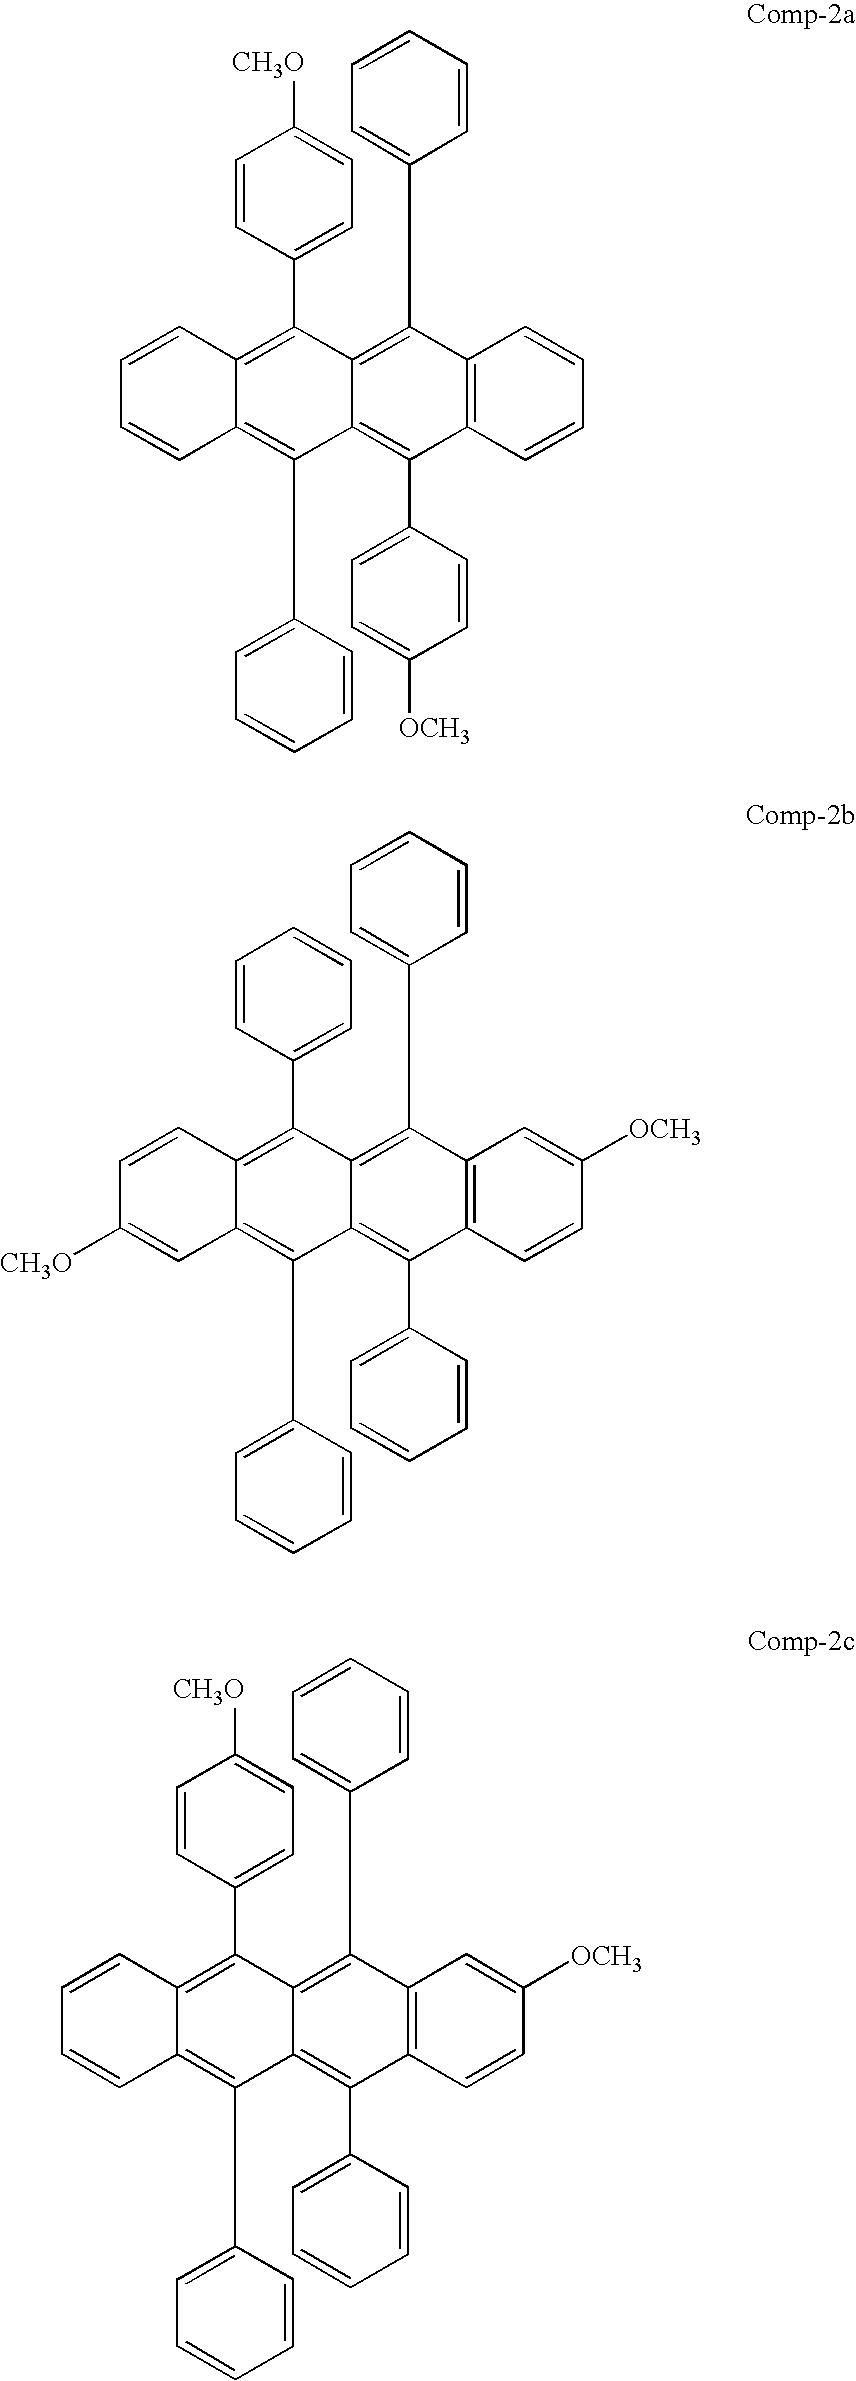 Figure US20060025617A1-20060202-C00015